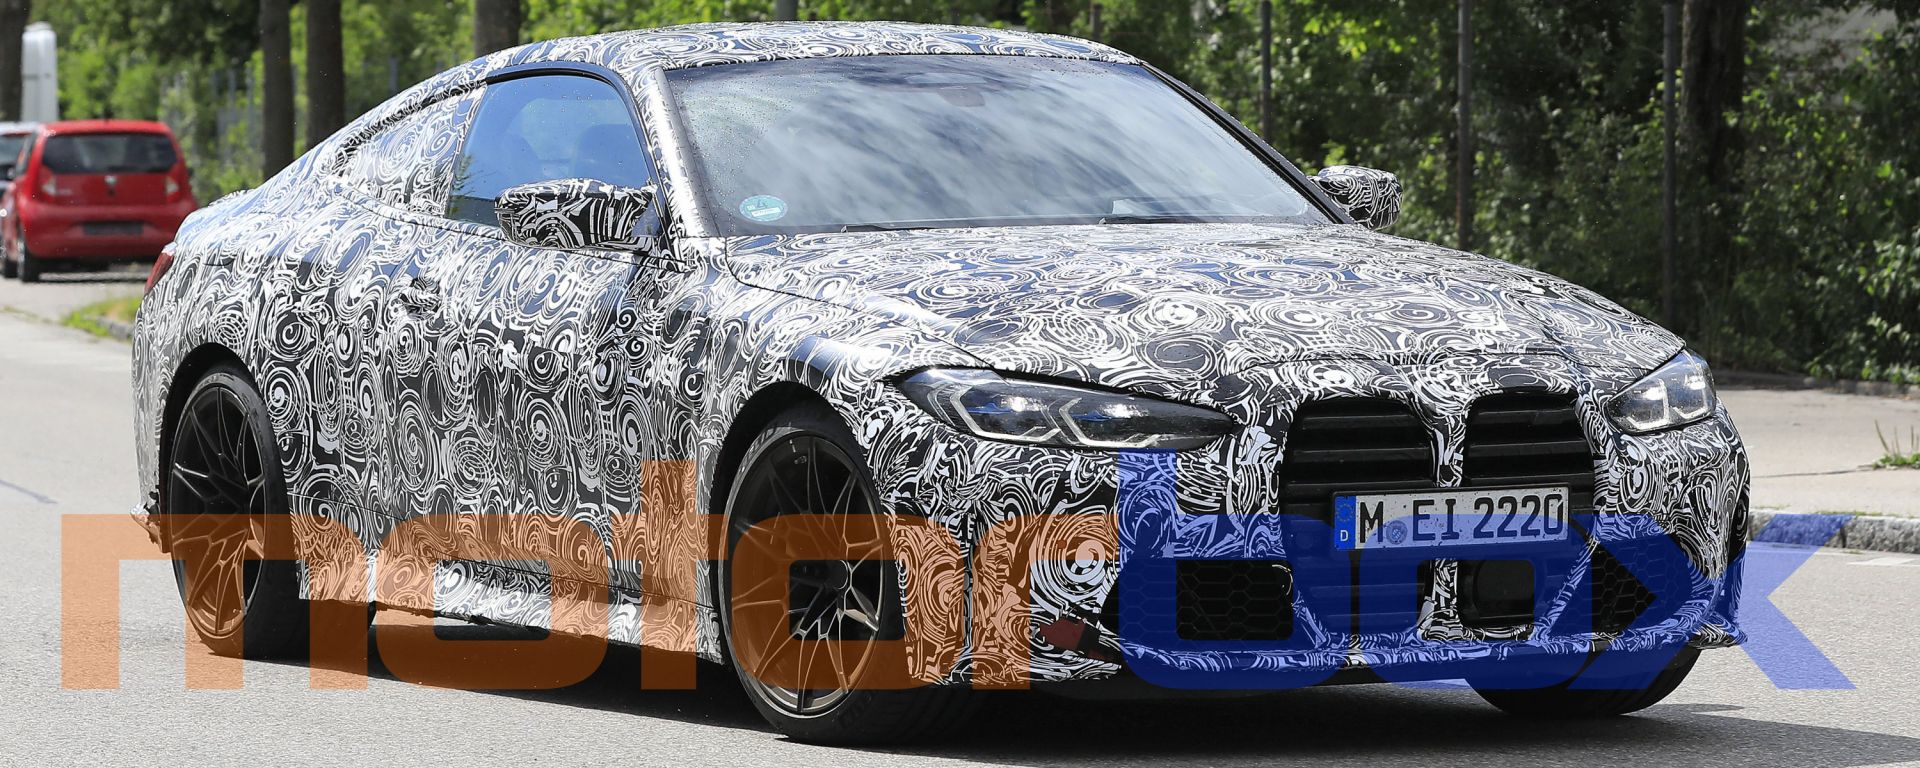 Nuova BMW M4: foto spia dalla Germania